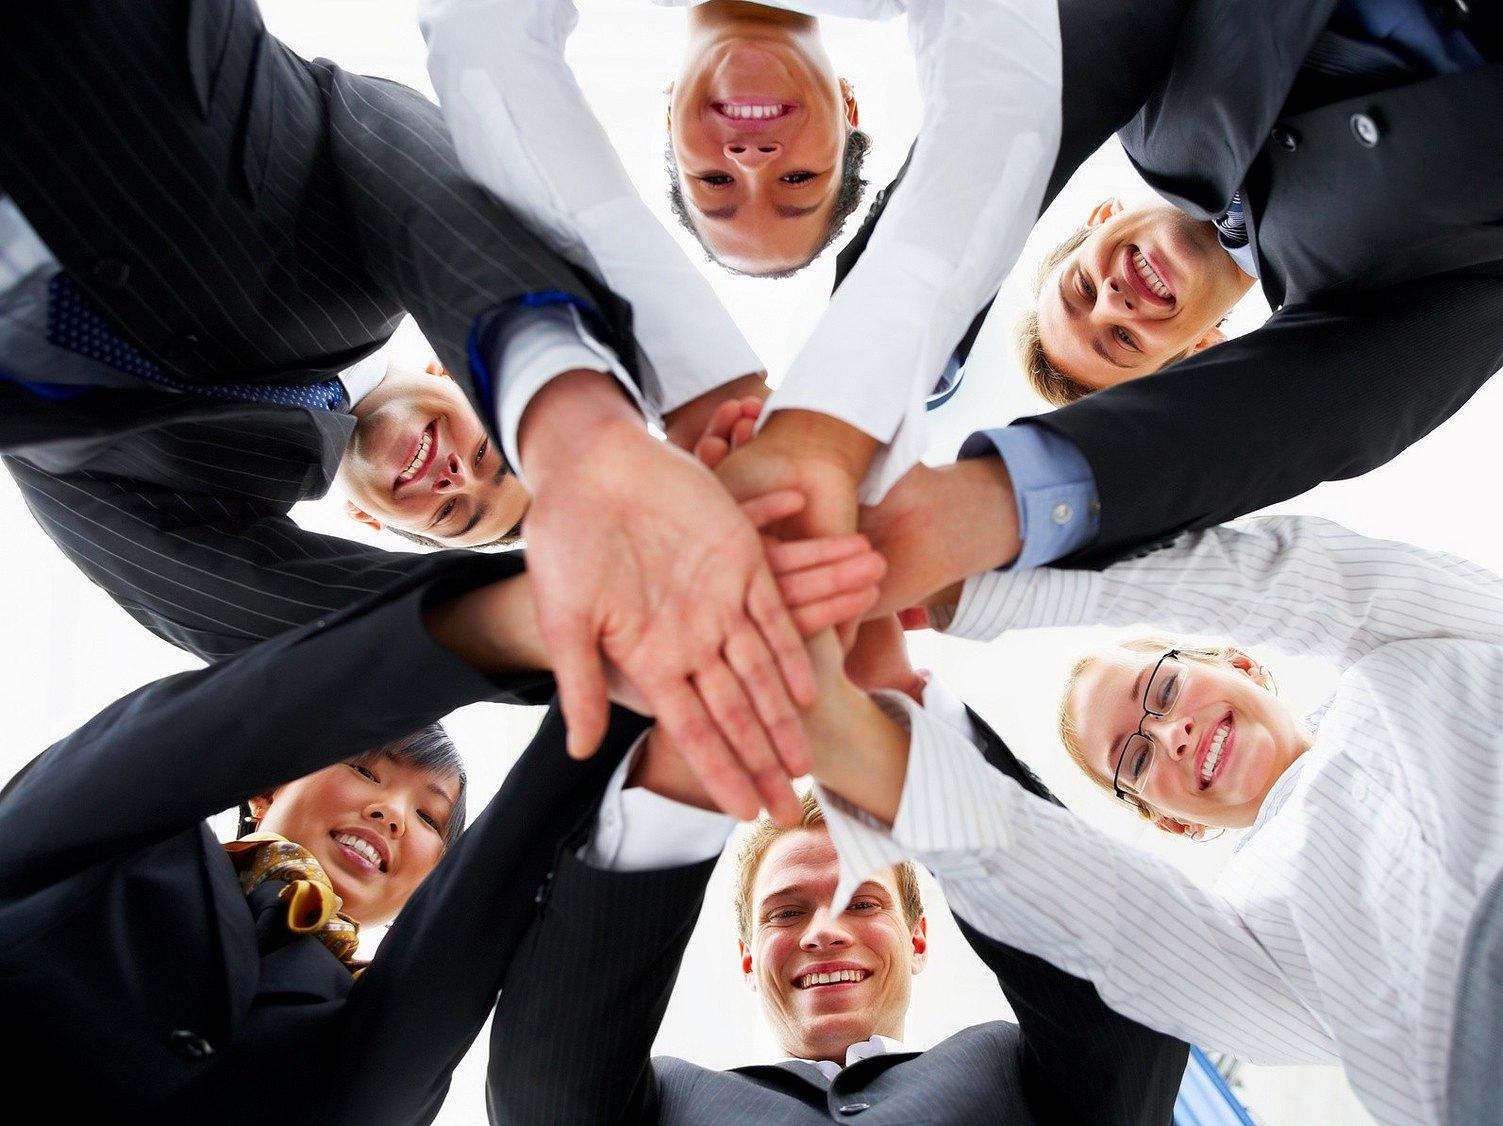 Corporate-teamwork.jpg